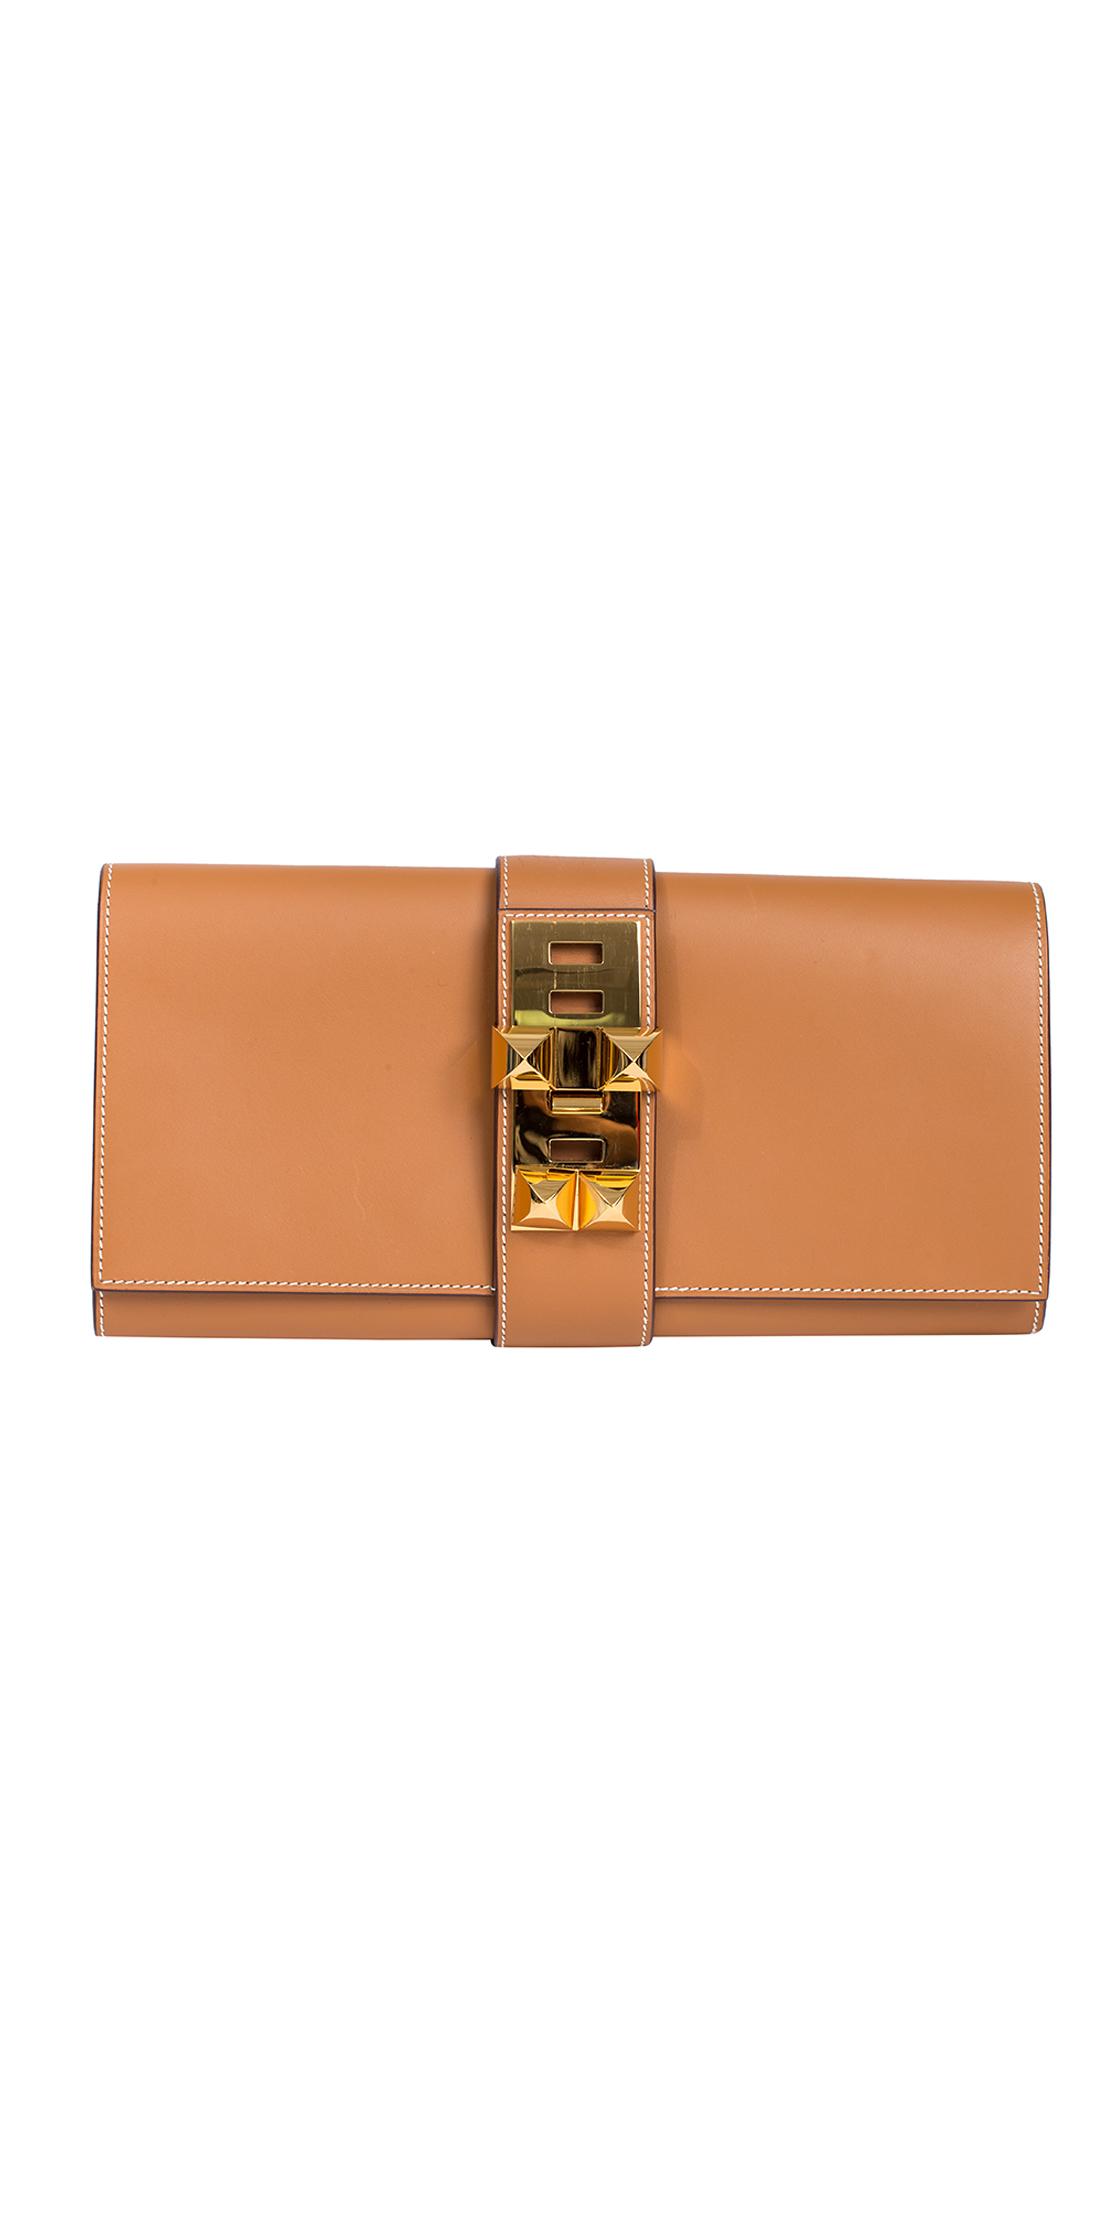 ff0e04fd6be08d Rent HERMÈS Egee Clutch Bag in Dubai - Designer 24